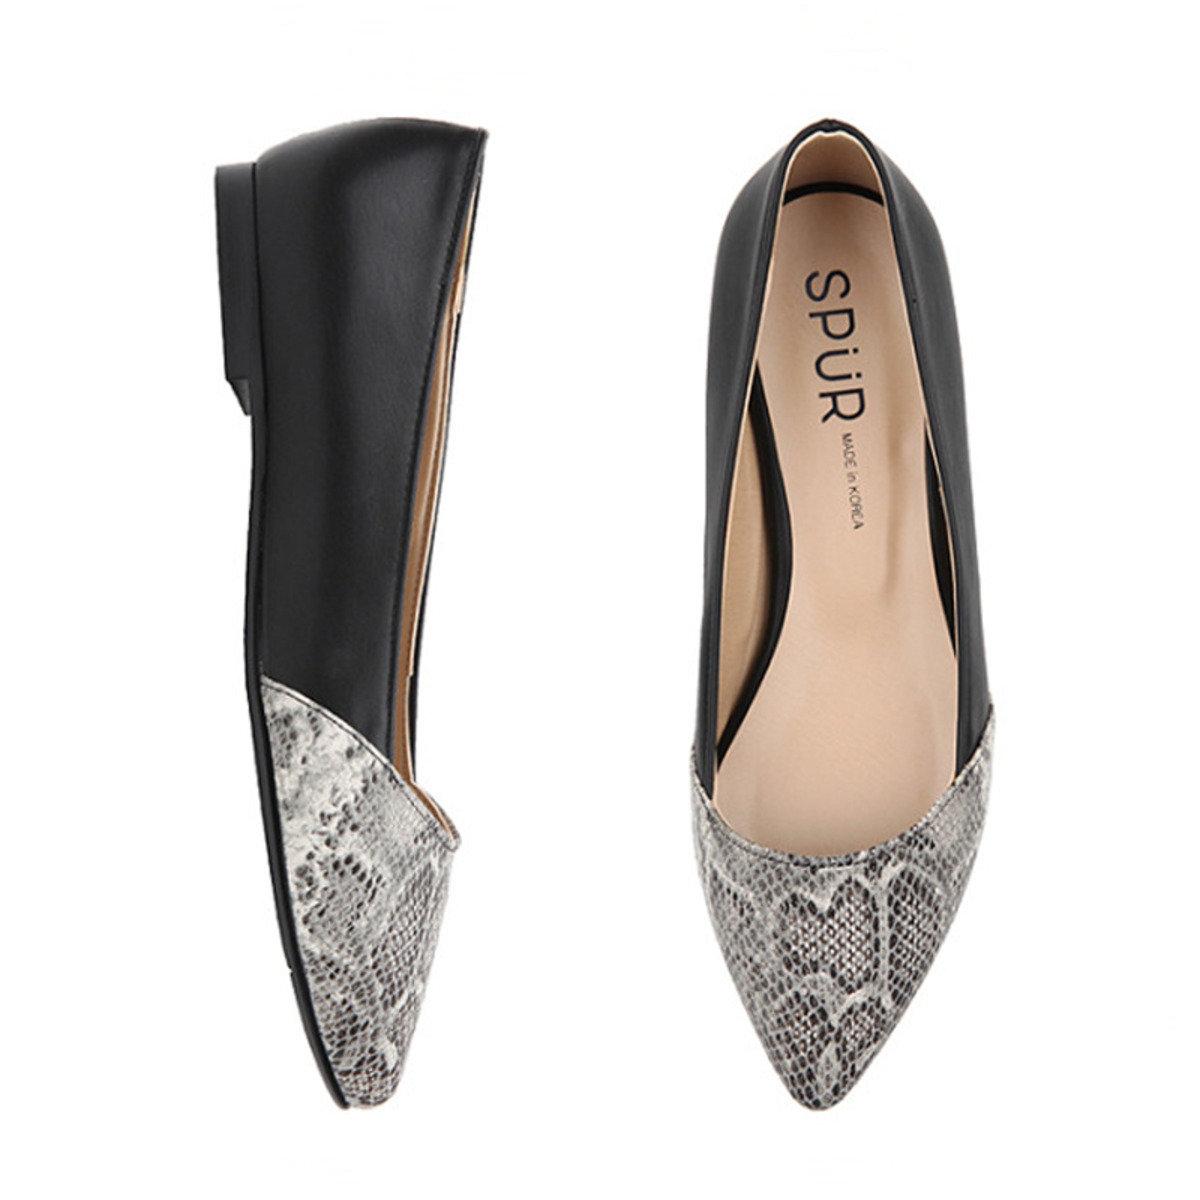 蛇皮紋拼布尖頭鞋